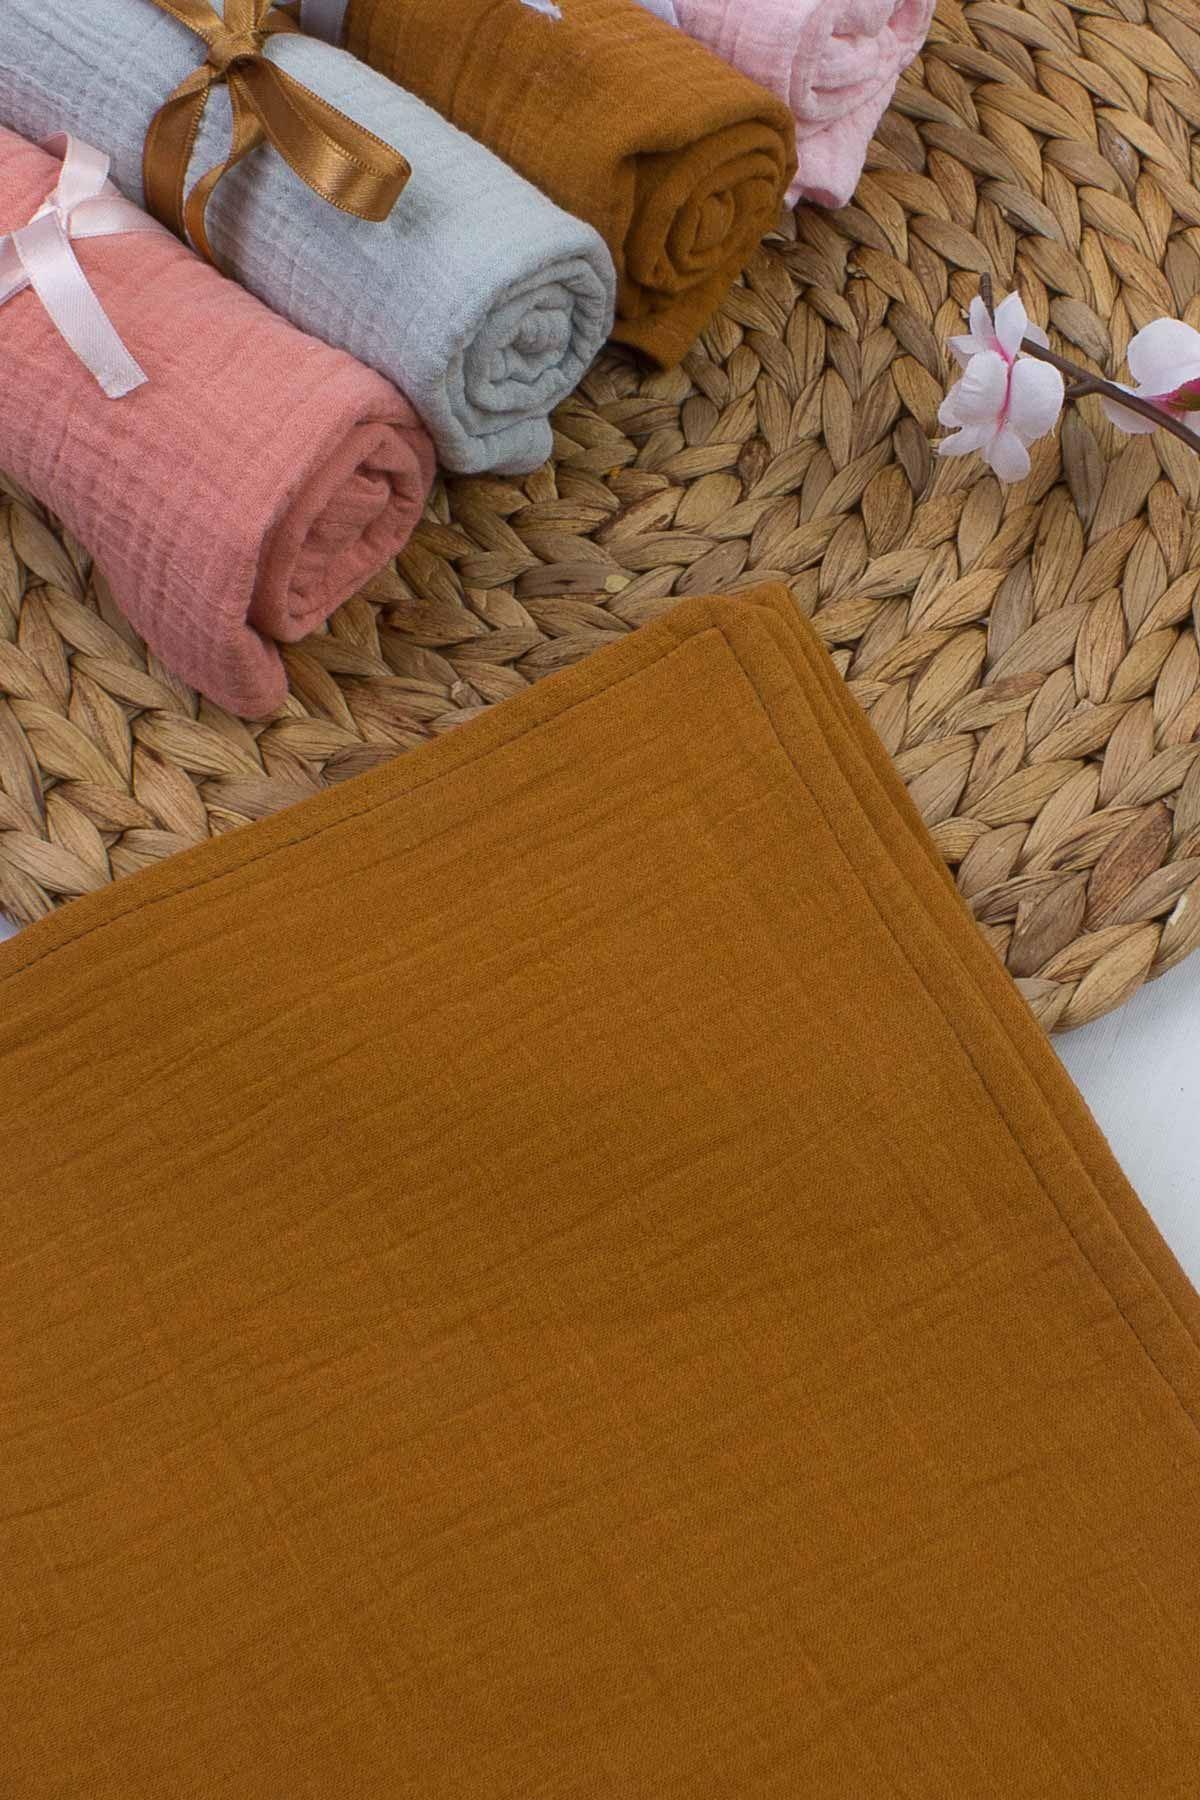 Hardal Çift Kat Müslin Bürümcük 50x70 cm Bebek Omuz Bezi Battaniye